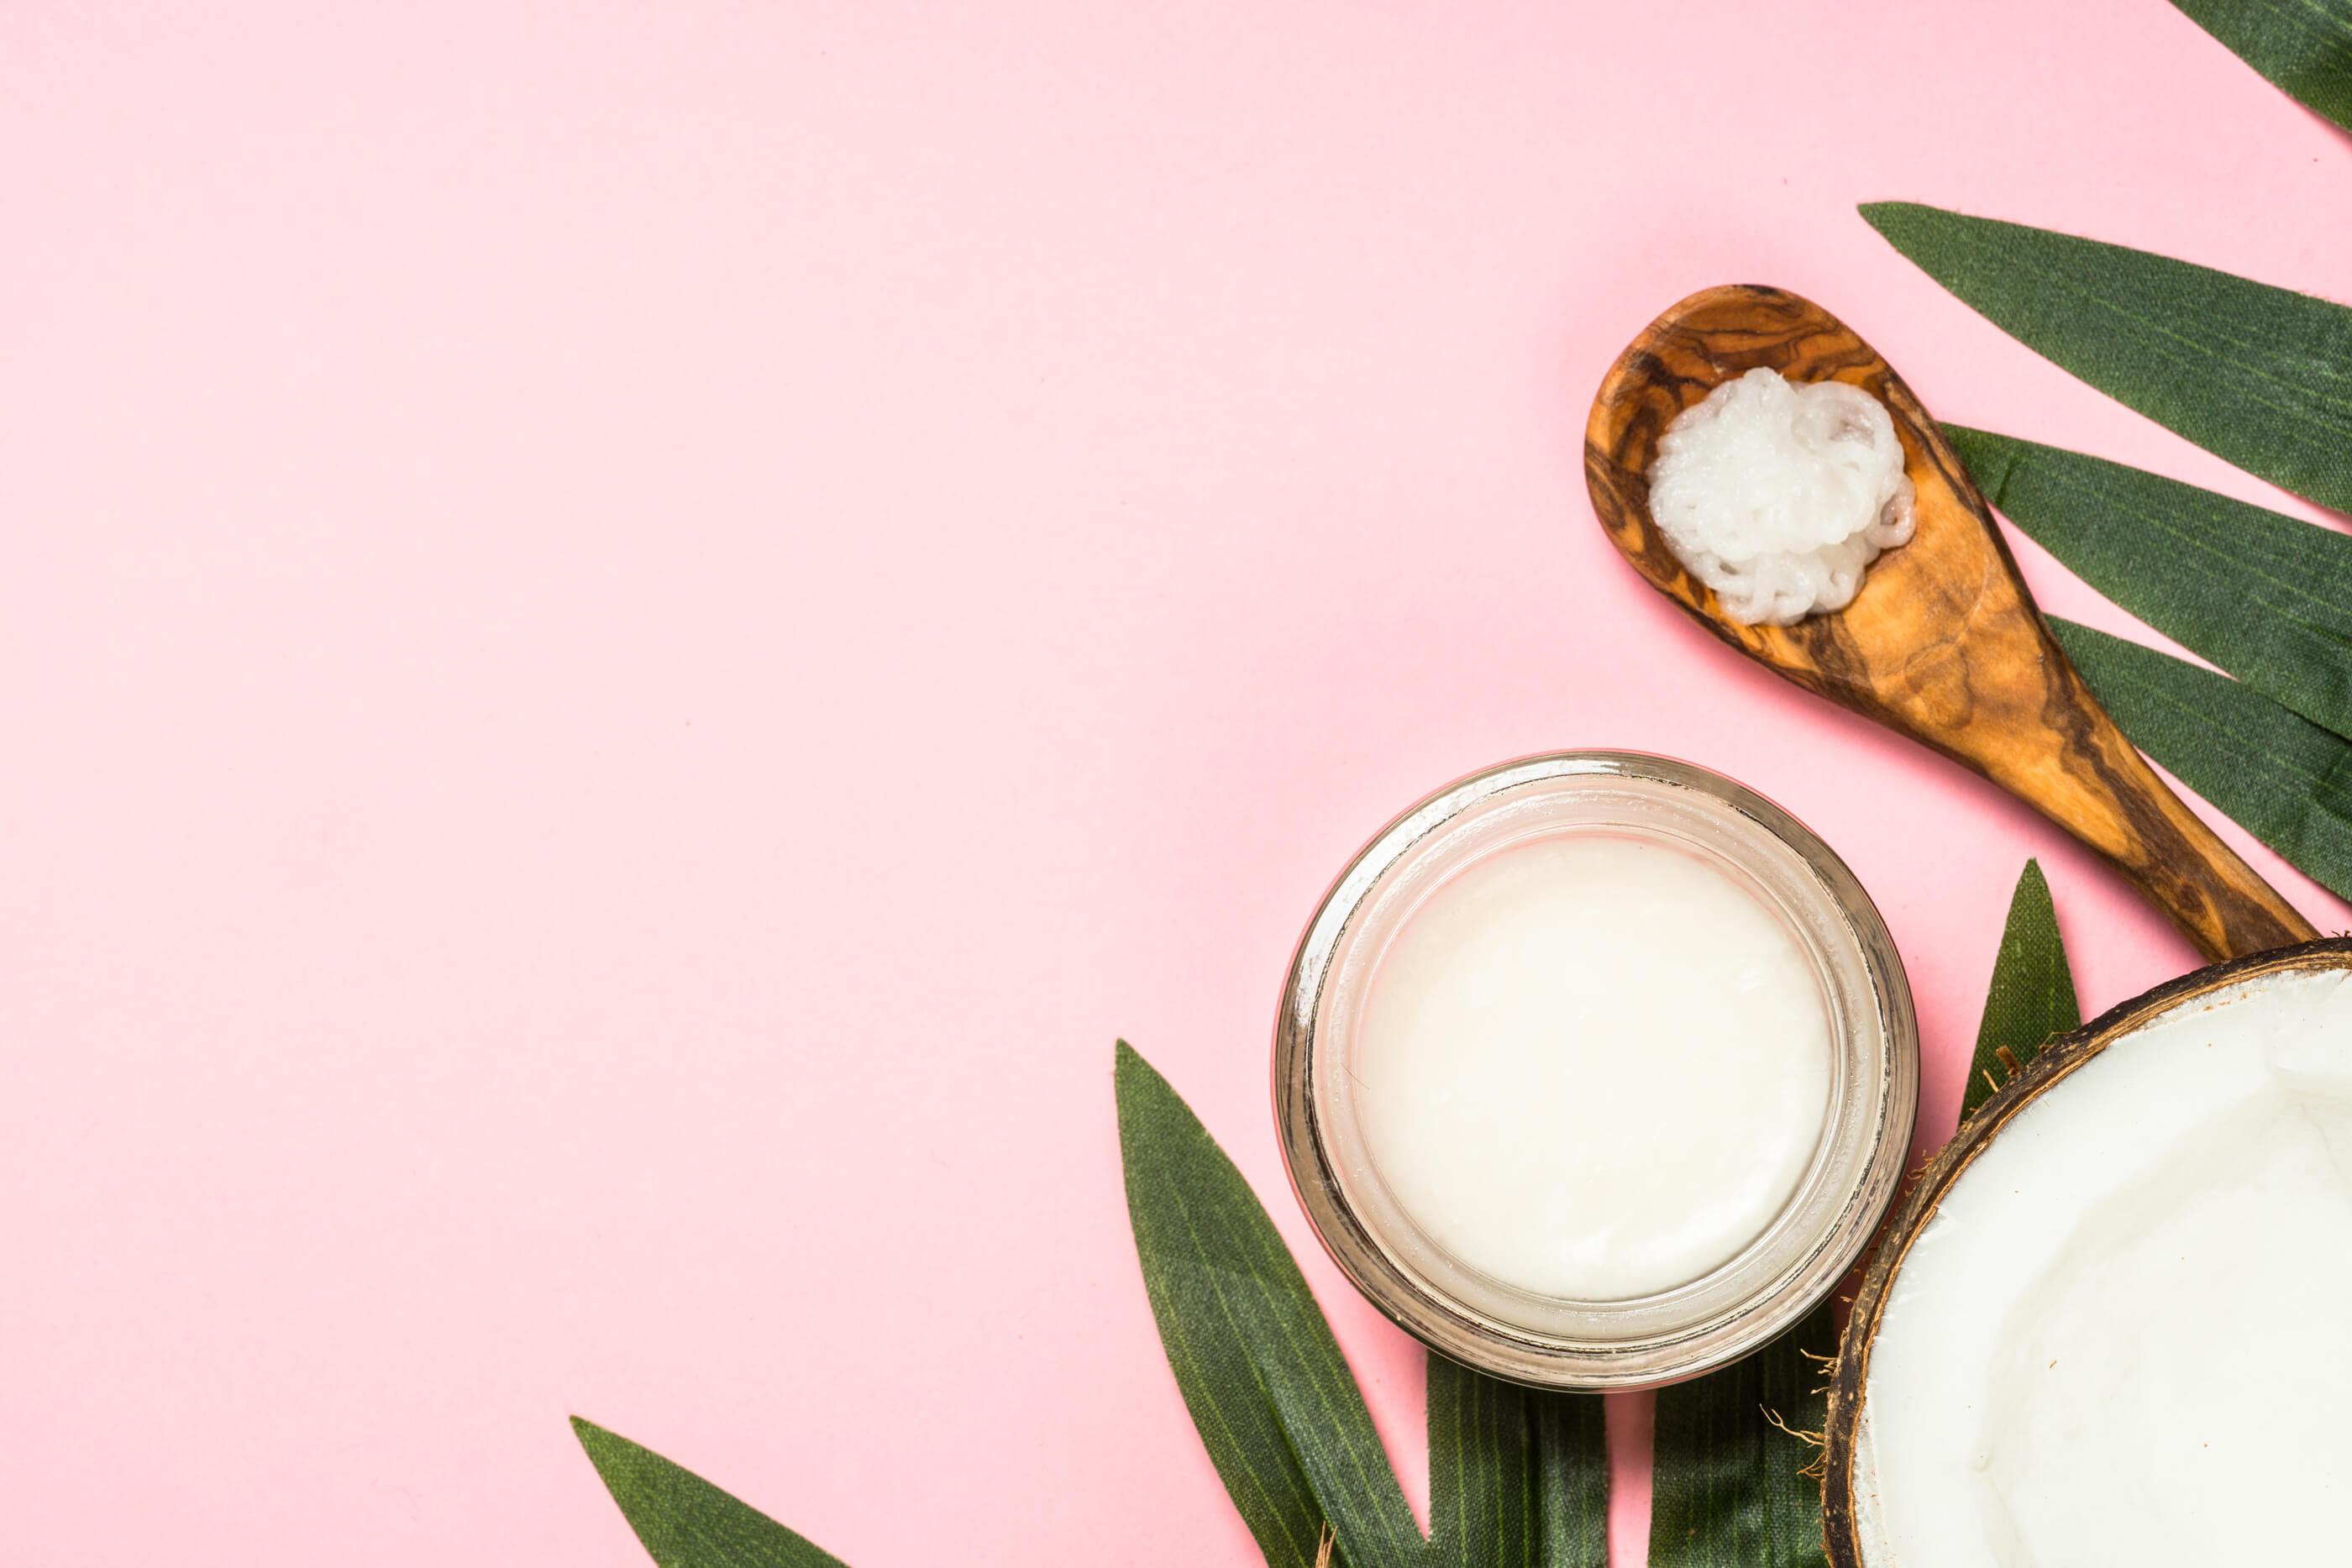 Foto con barattolo di olio di cocco e cucchiaio in legno visti dall'alto su piano di colore rosa